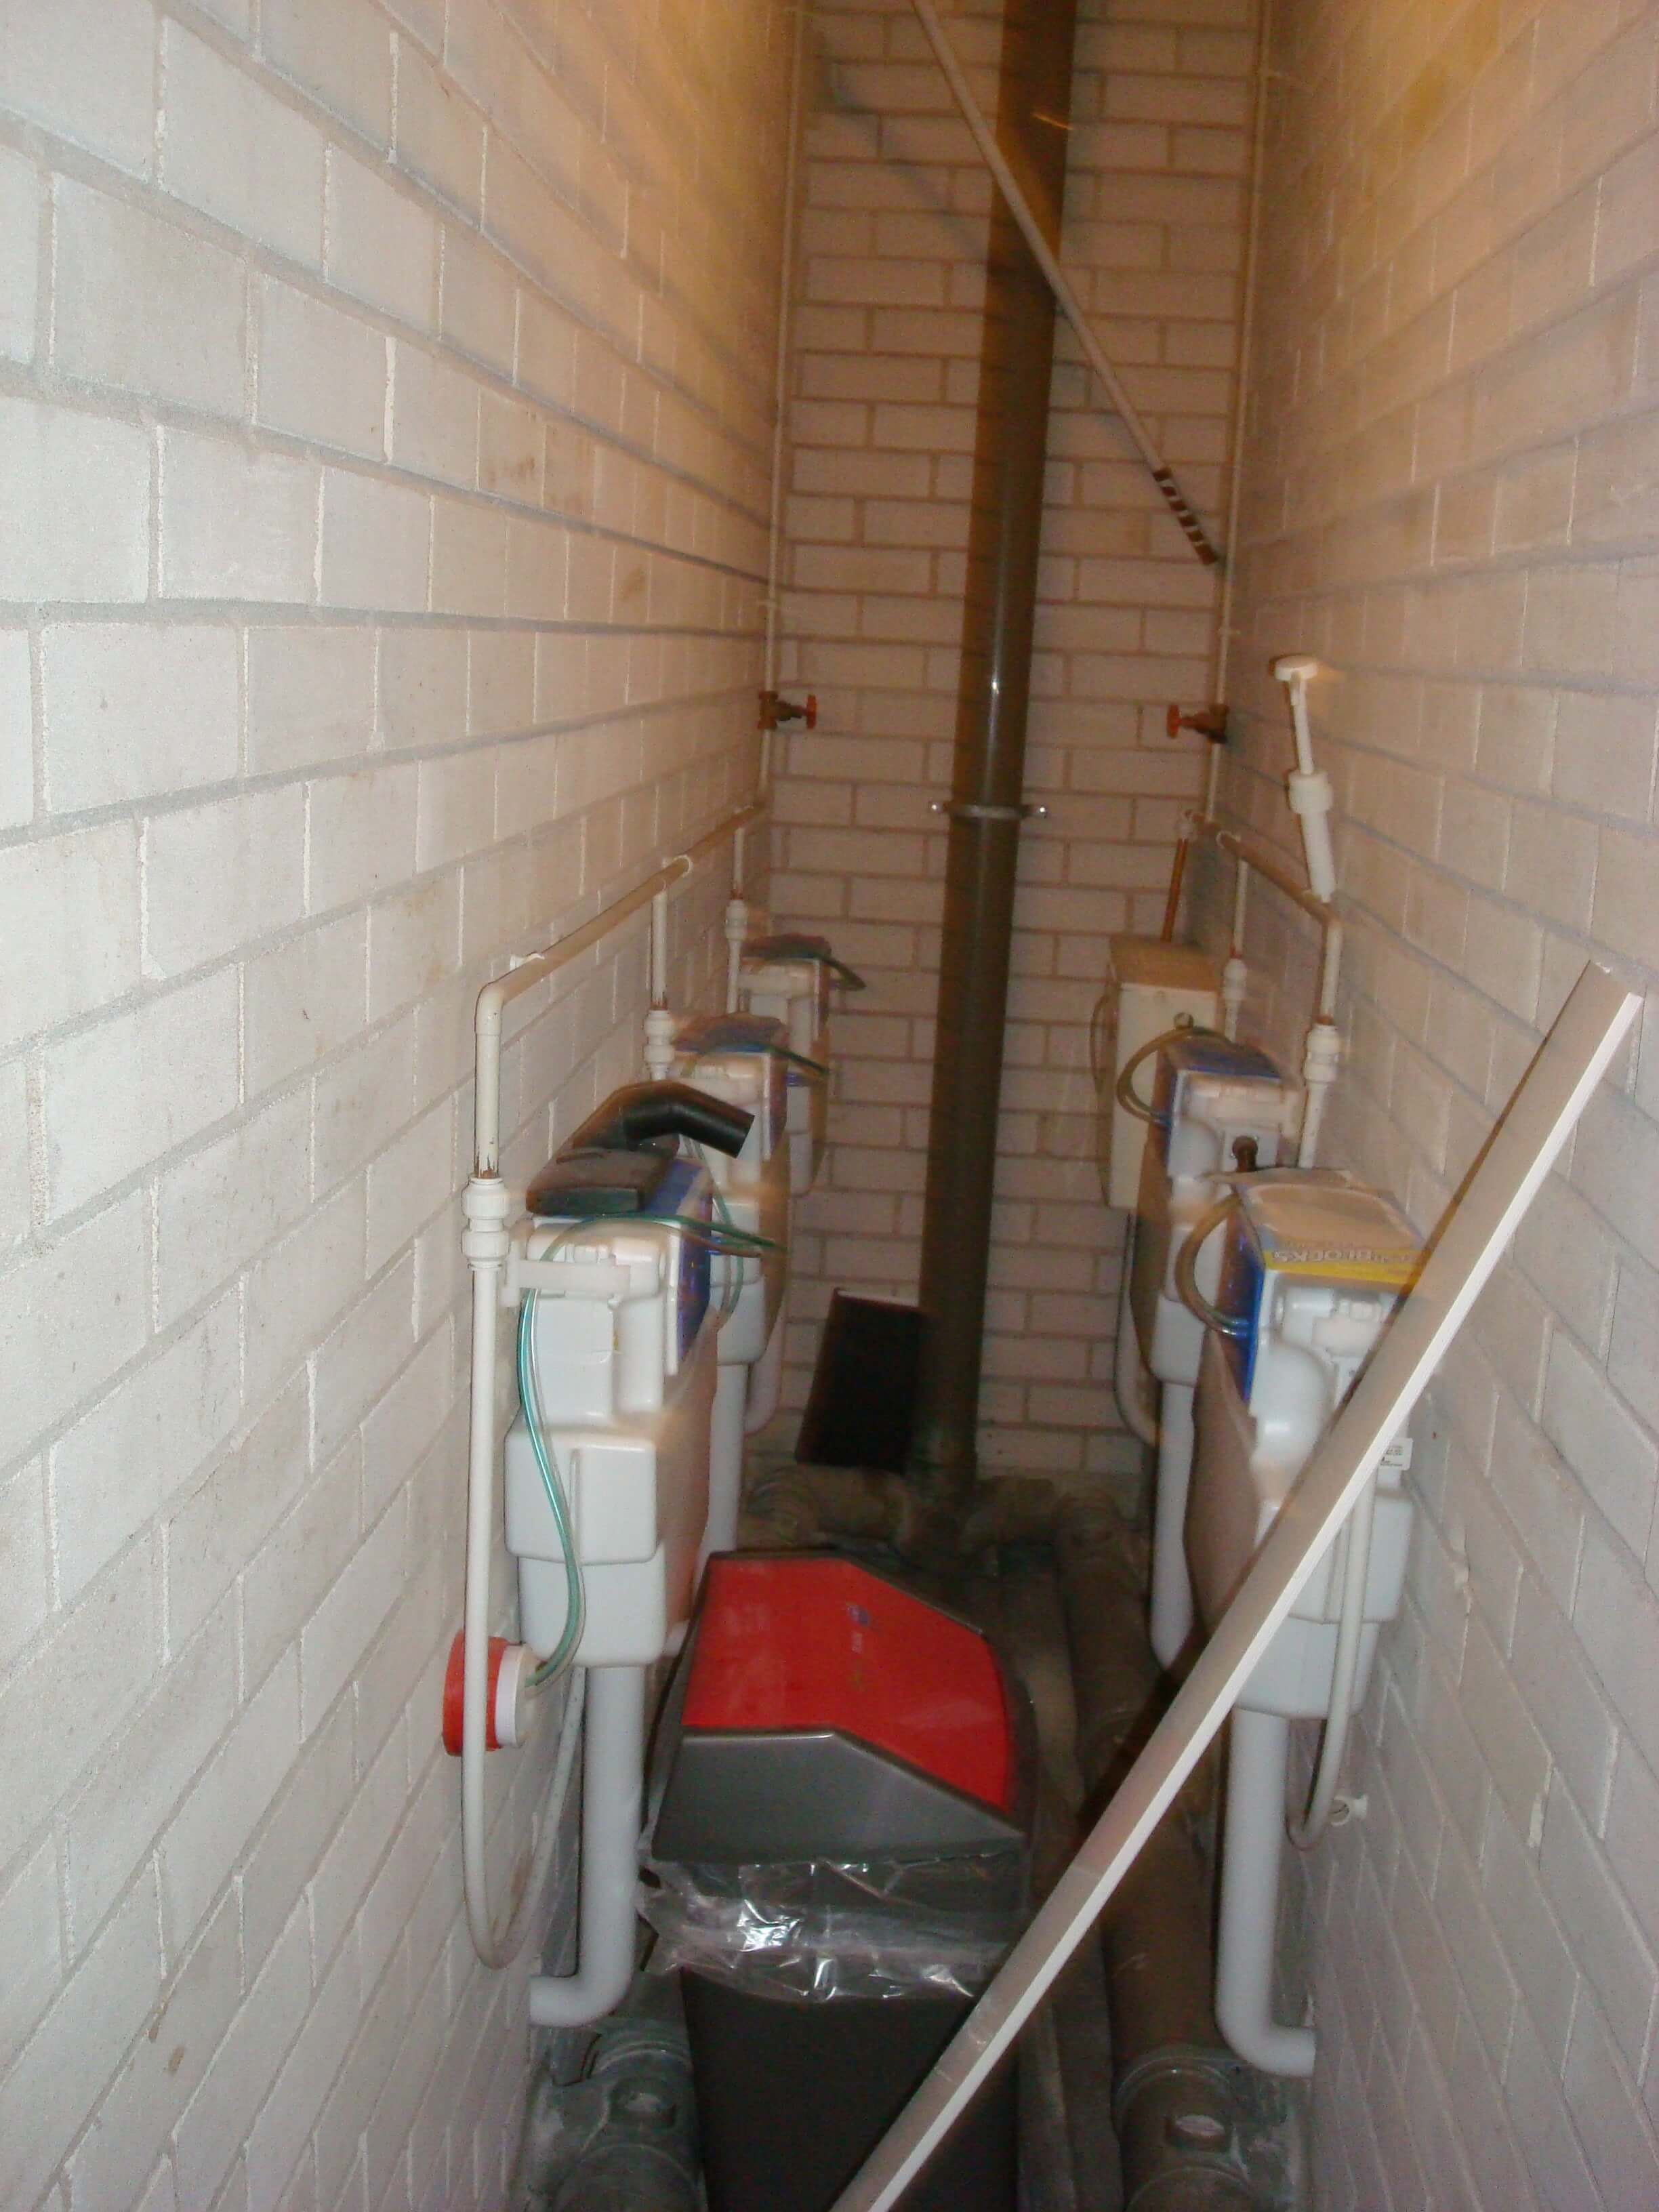 Cre8tive Interiors Washroom and Toilet Refurbishment